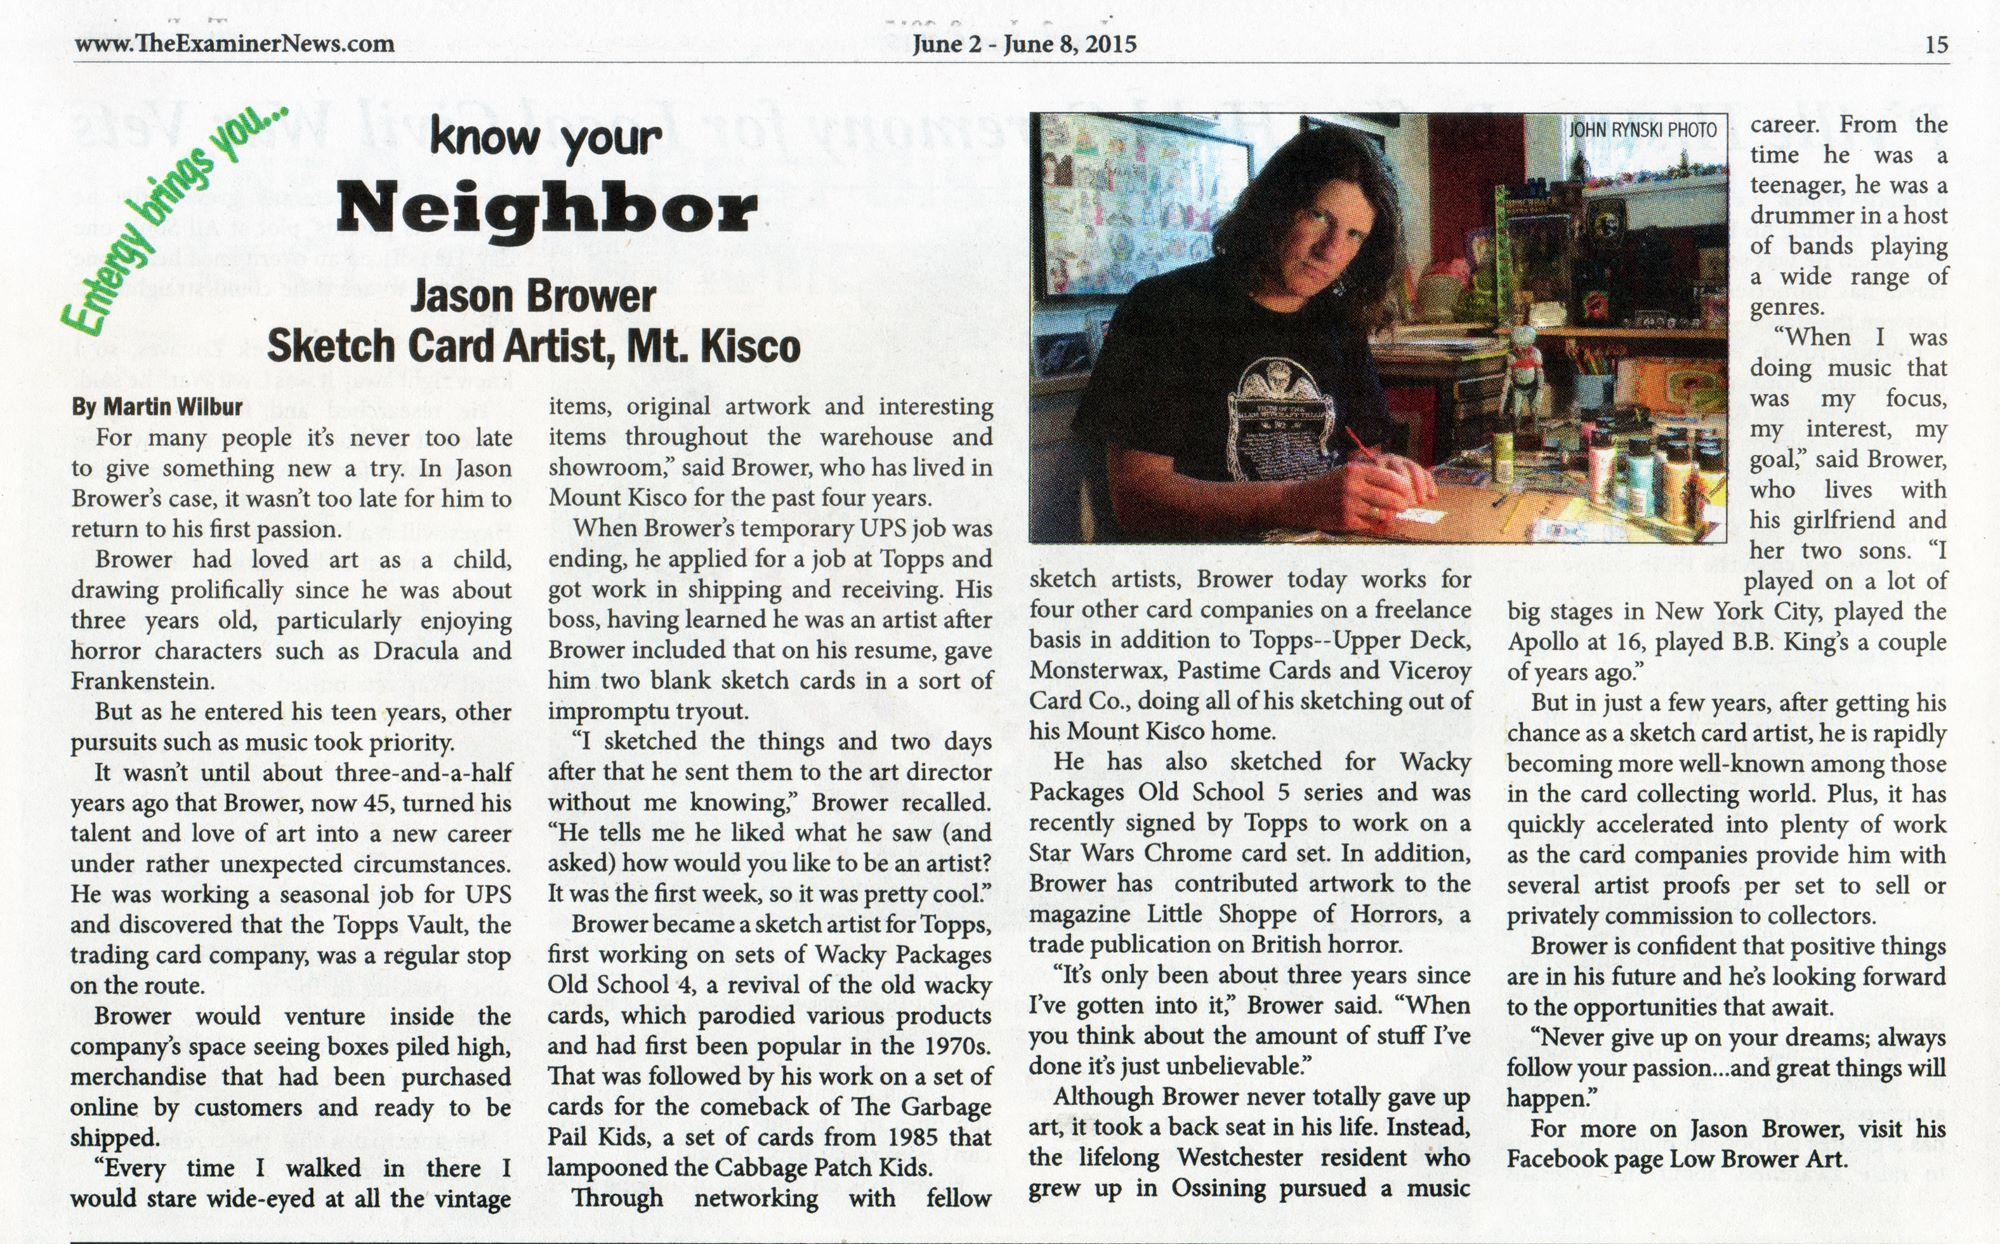 Press_ExaminerNews_June15.jpg